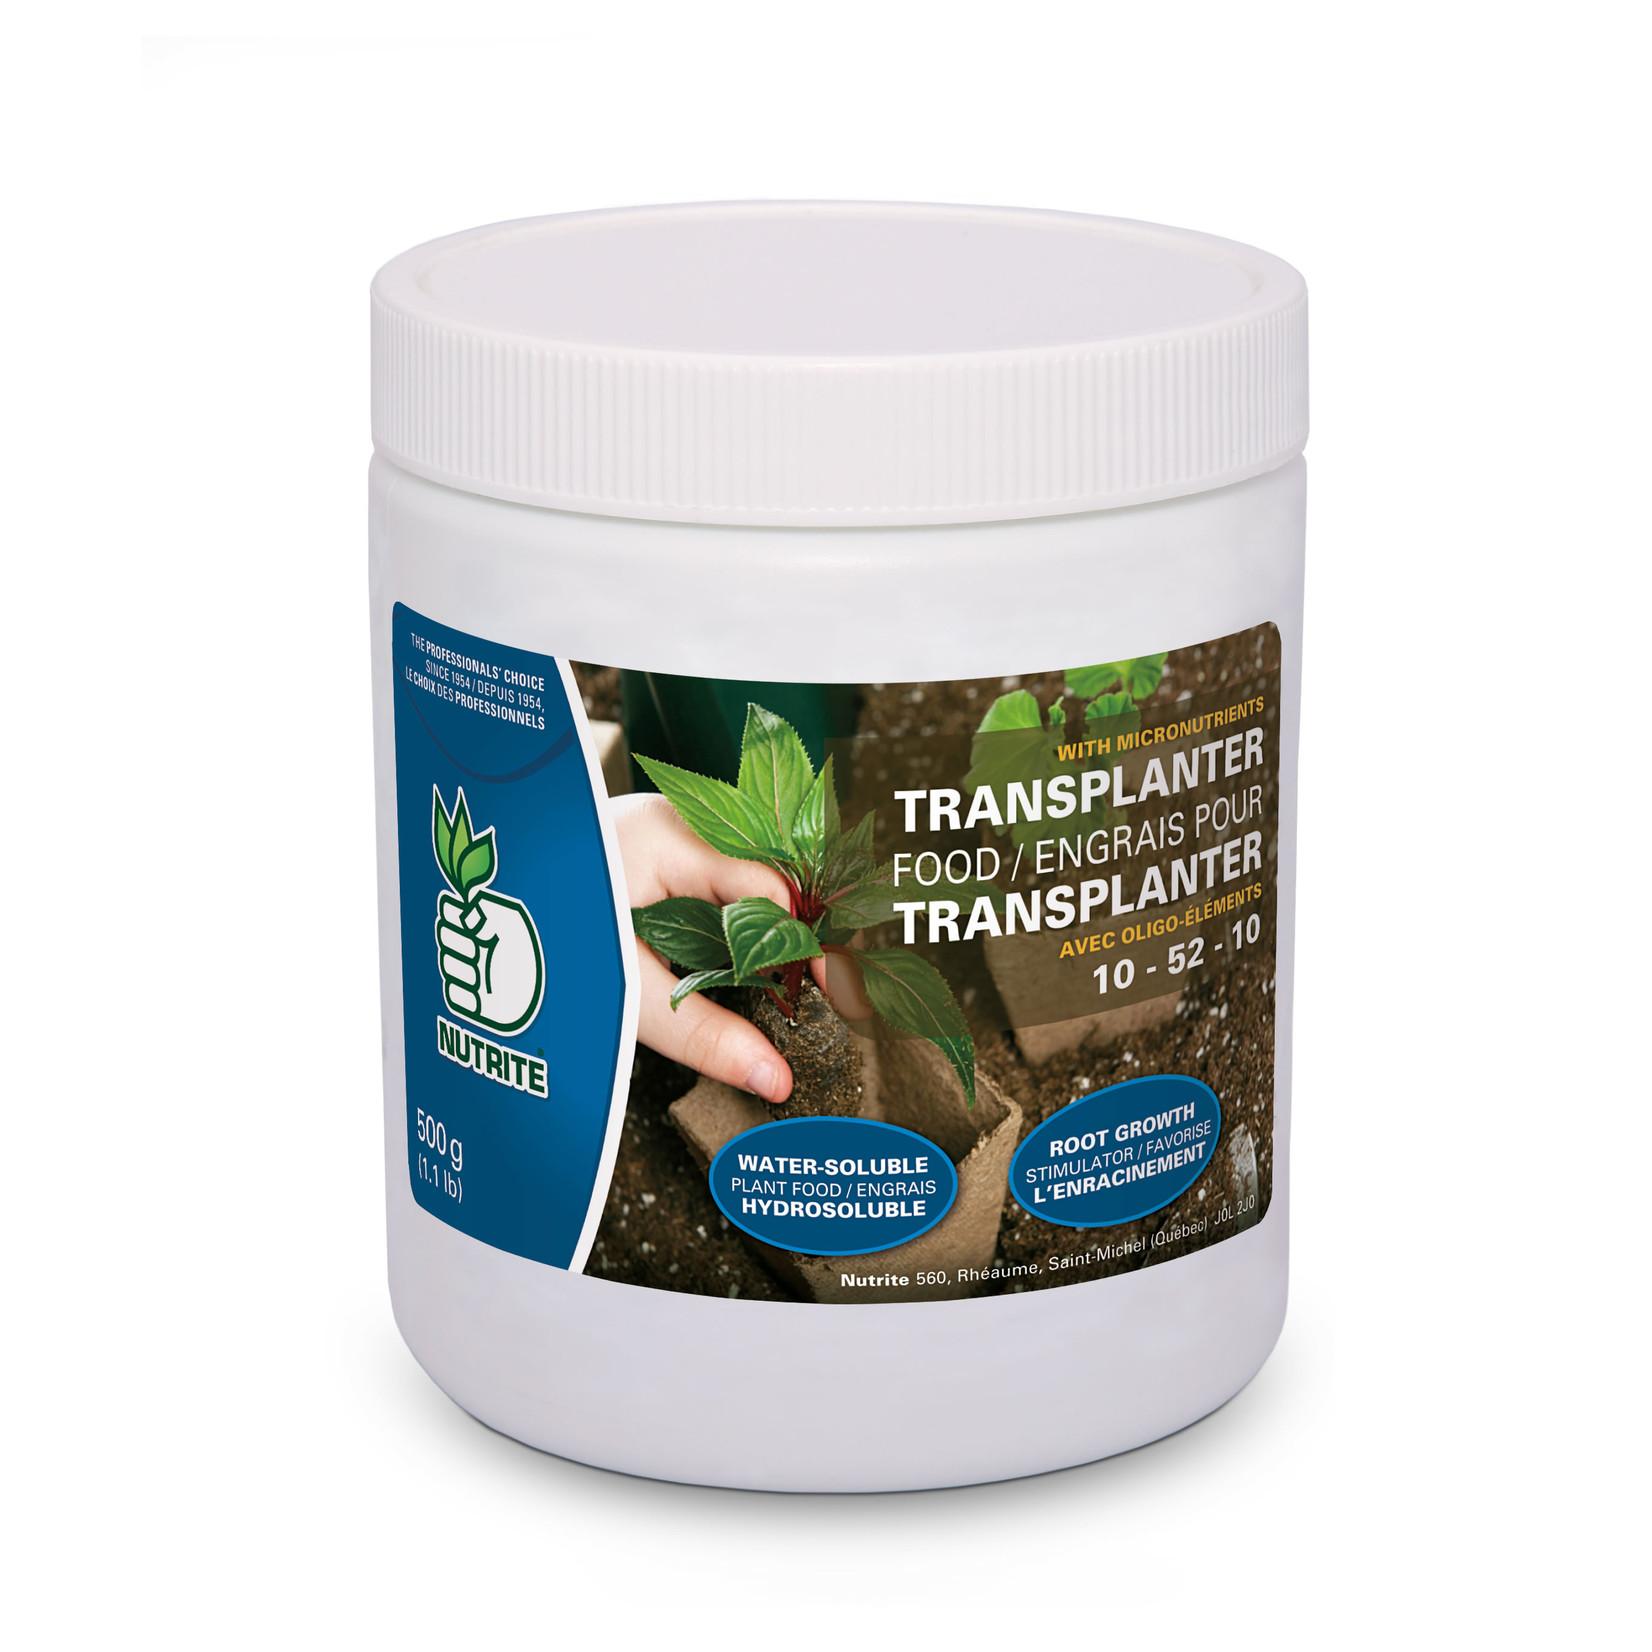 Nutrite Engrais Pour Transplanter (10-52-10) 500g